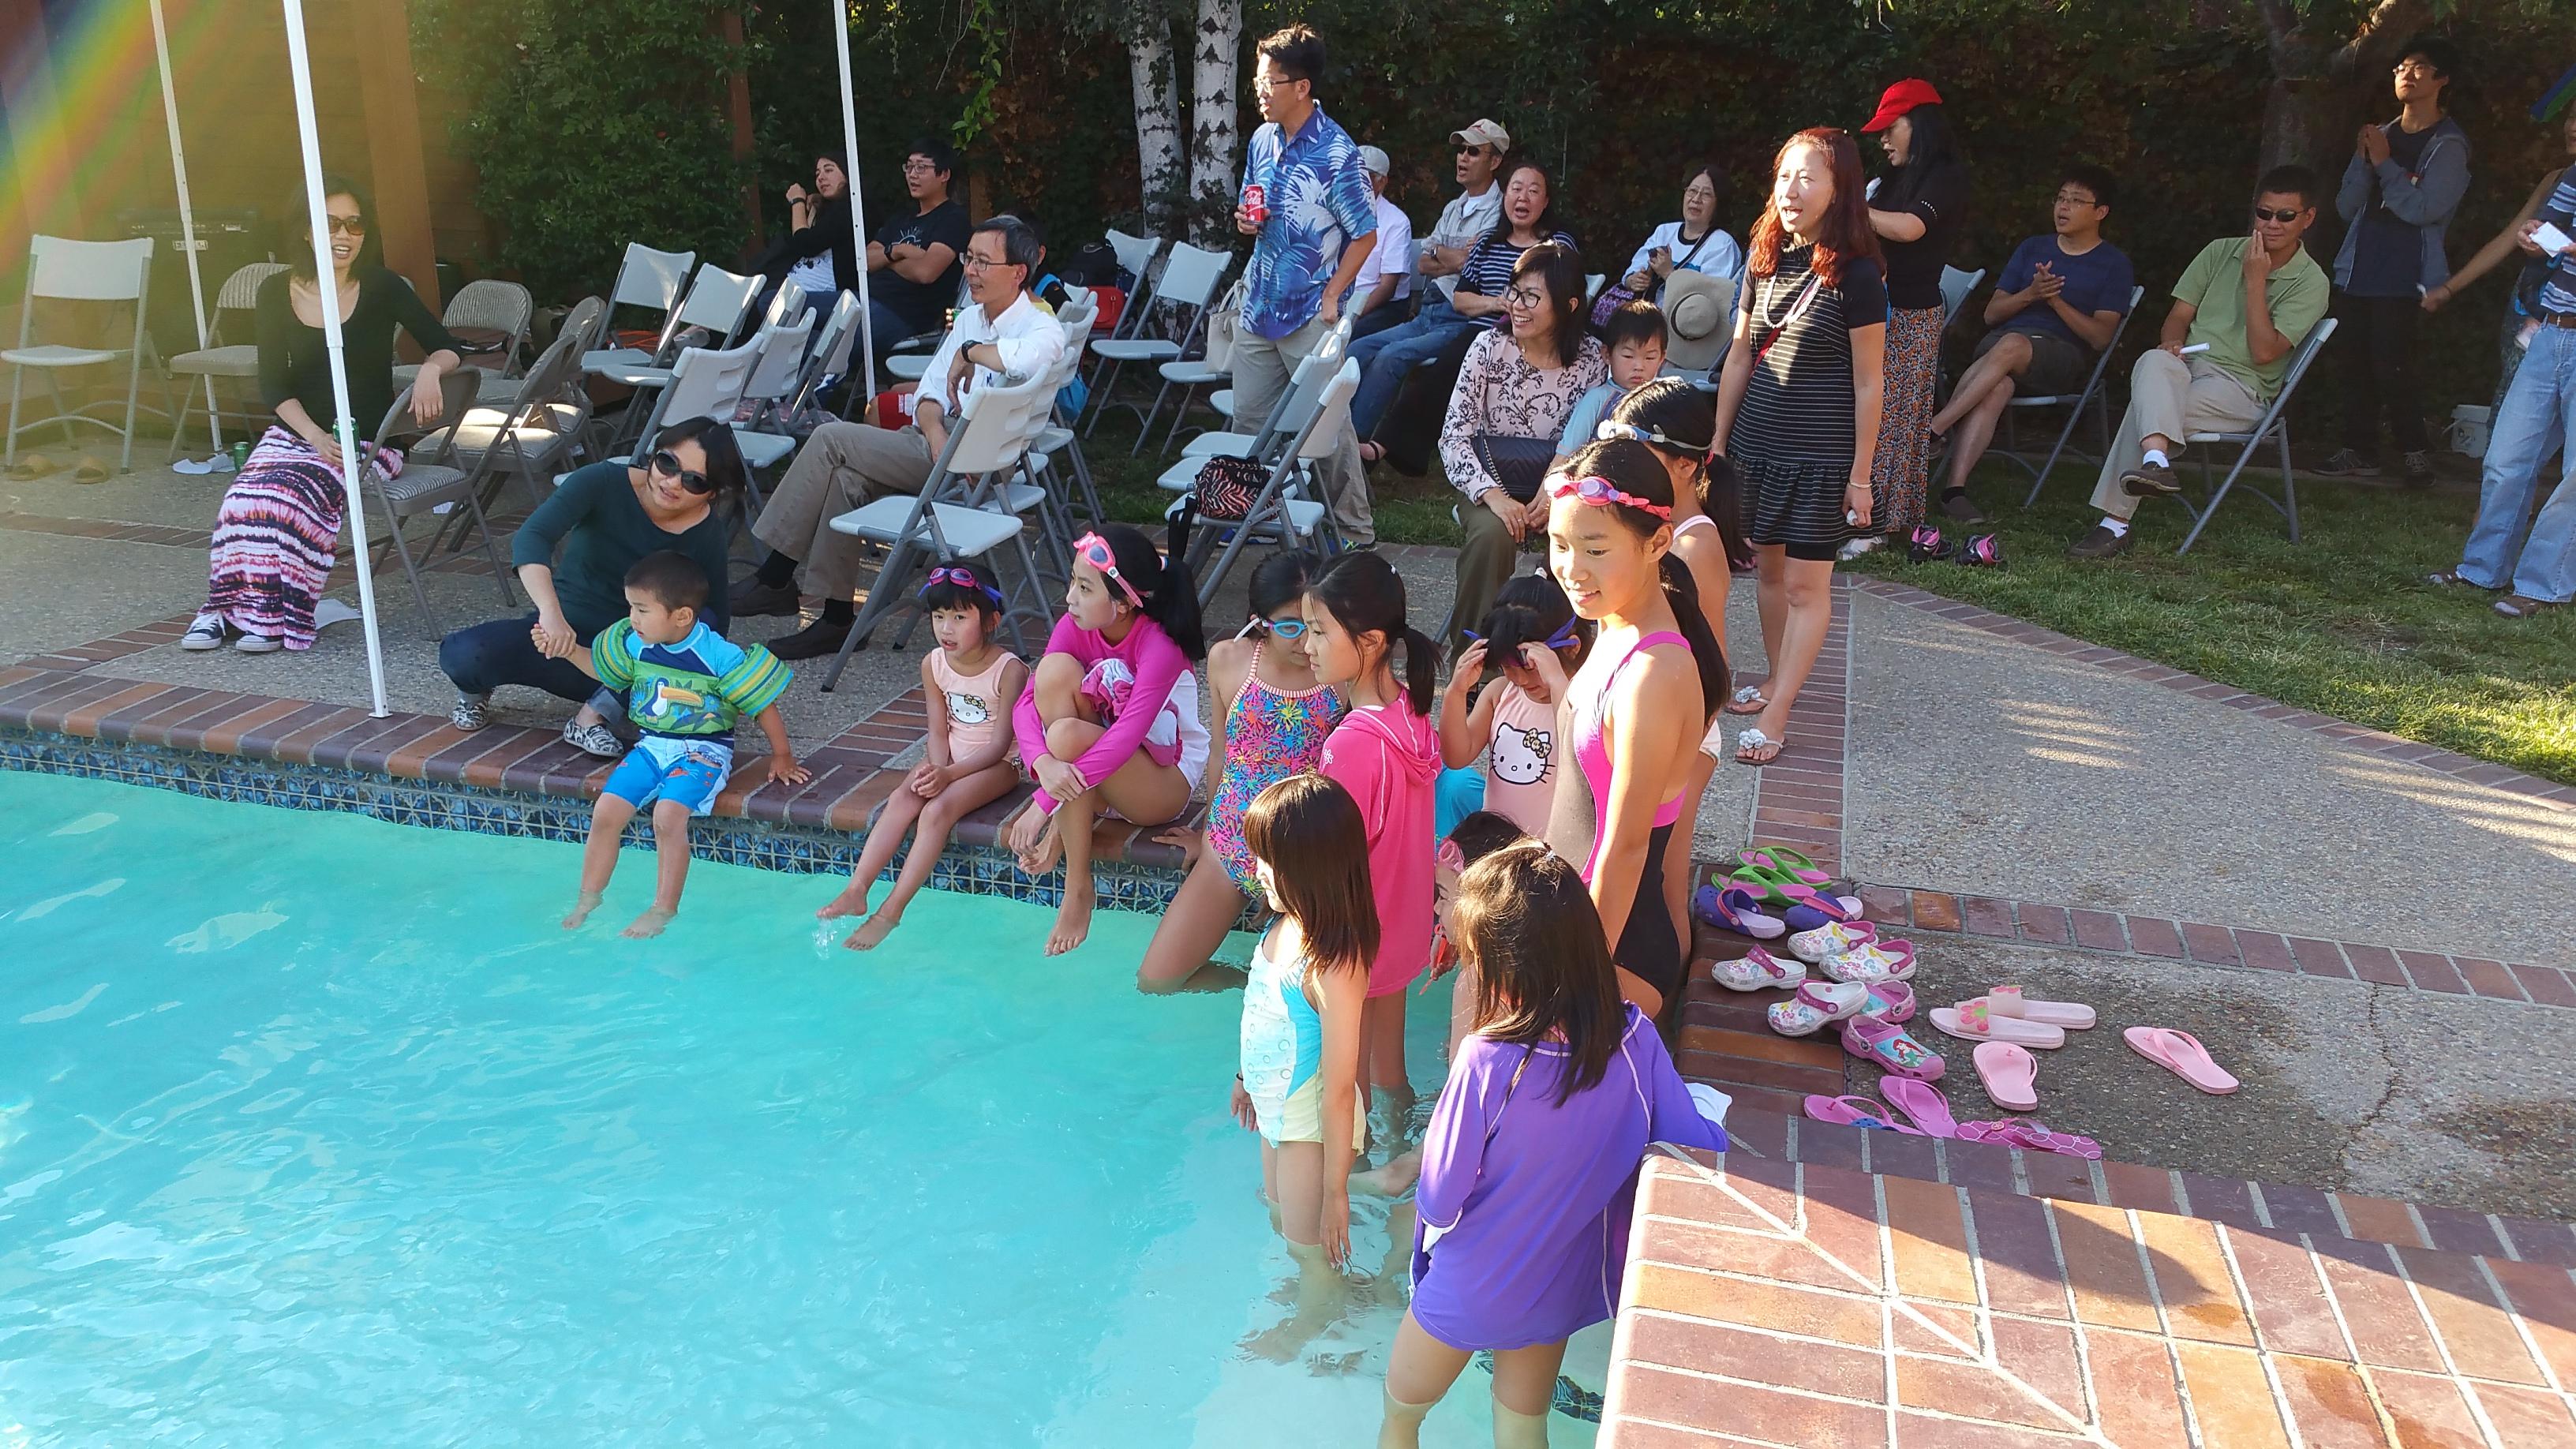 一批孩子们早已等候跳到水中享受快乐时光